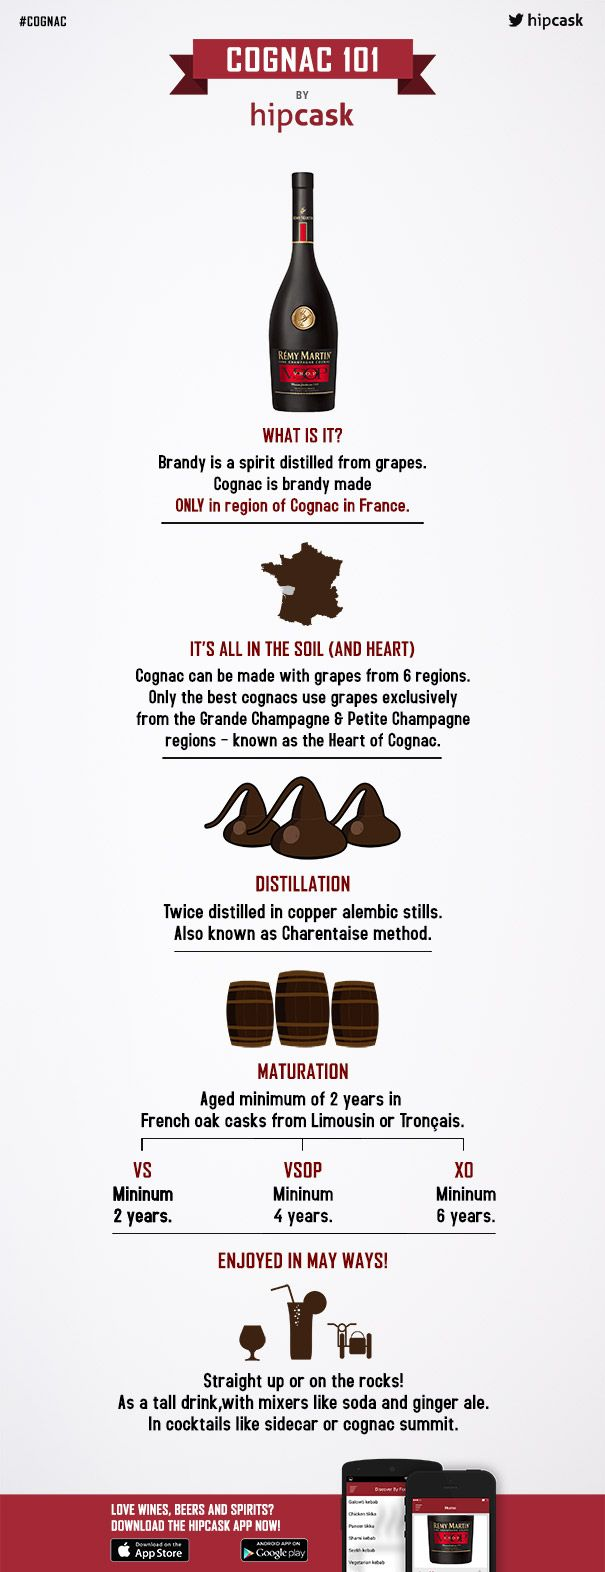 #Cognac 101